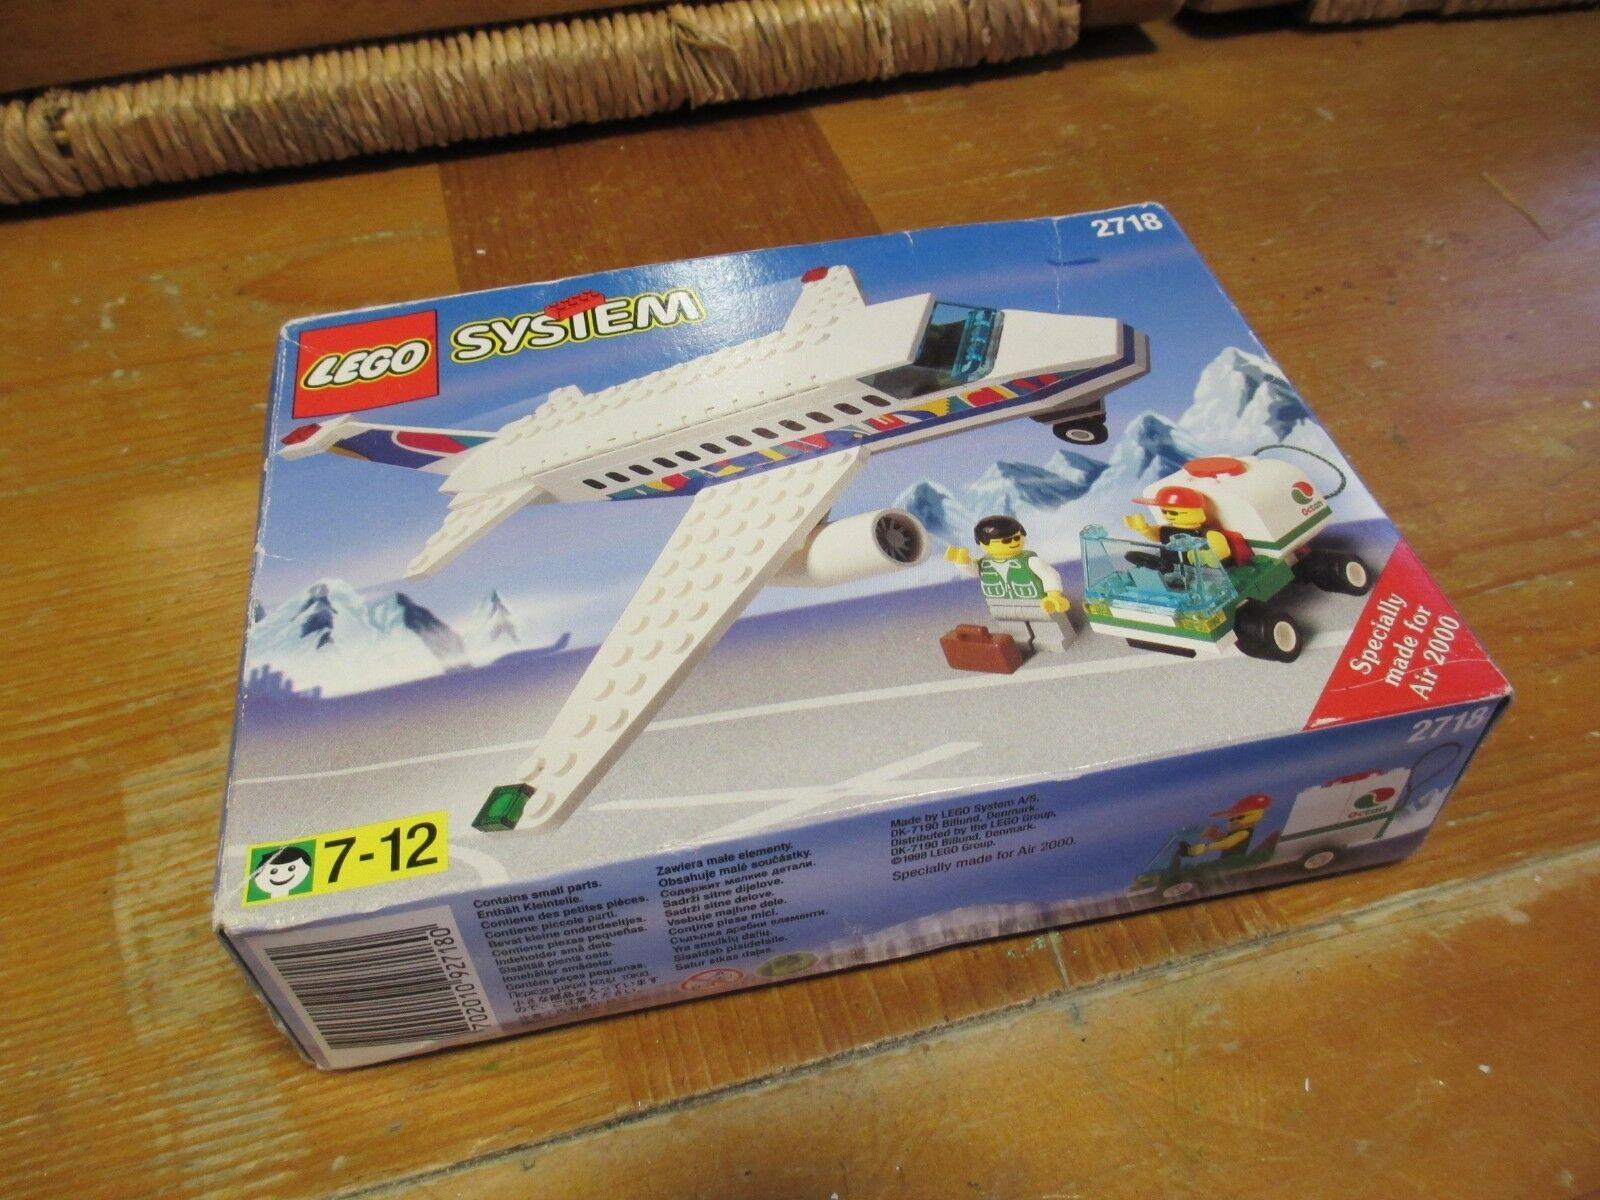 VINTAGE LEGO SYSTEM 2718 CITTA 'aeroporto-aerei e personale di terra NUOVO E SIGILLATO